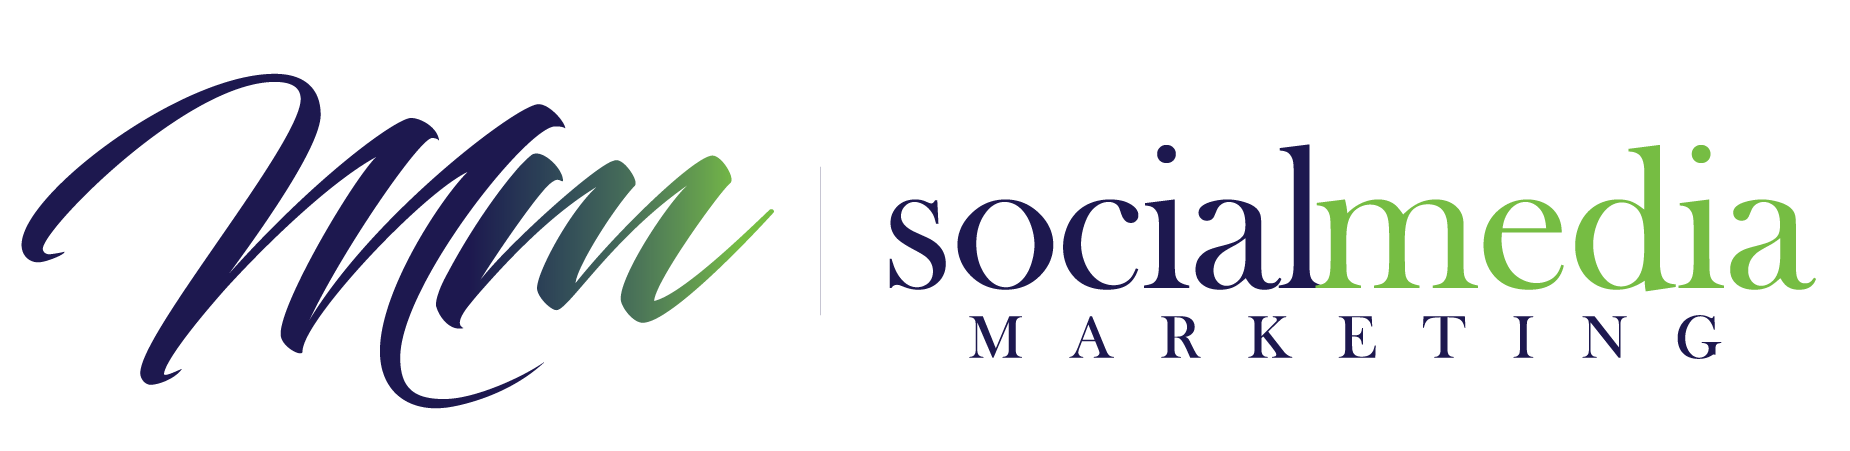 MM Social Media Marketing